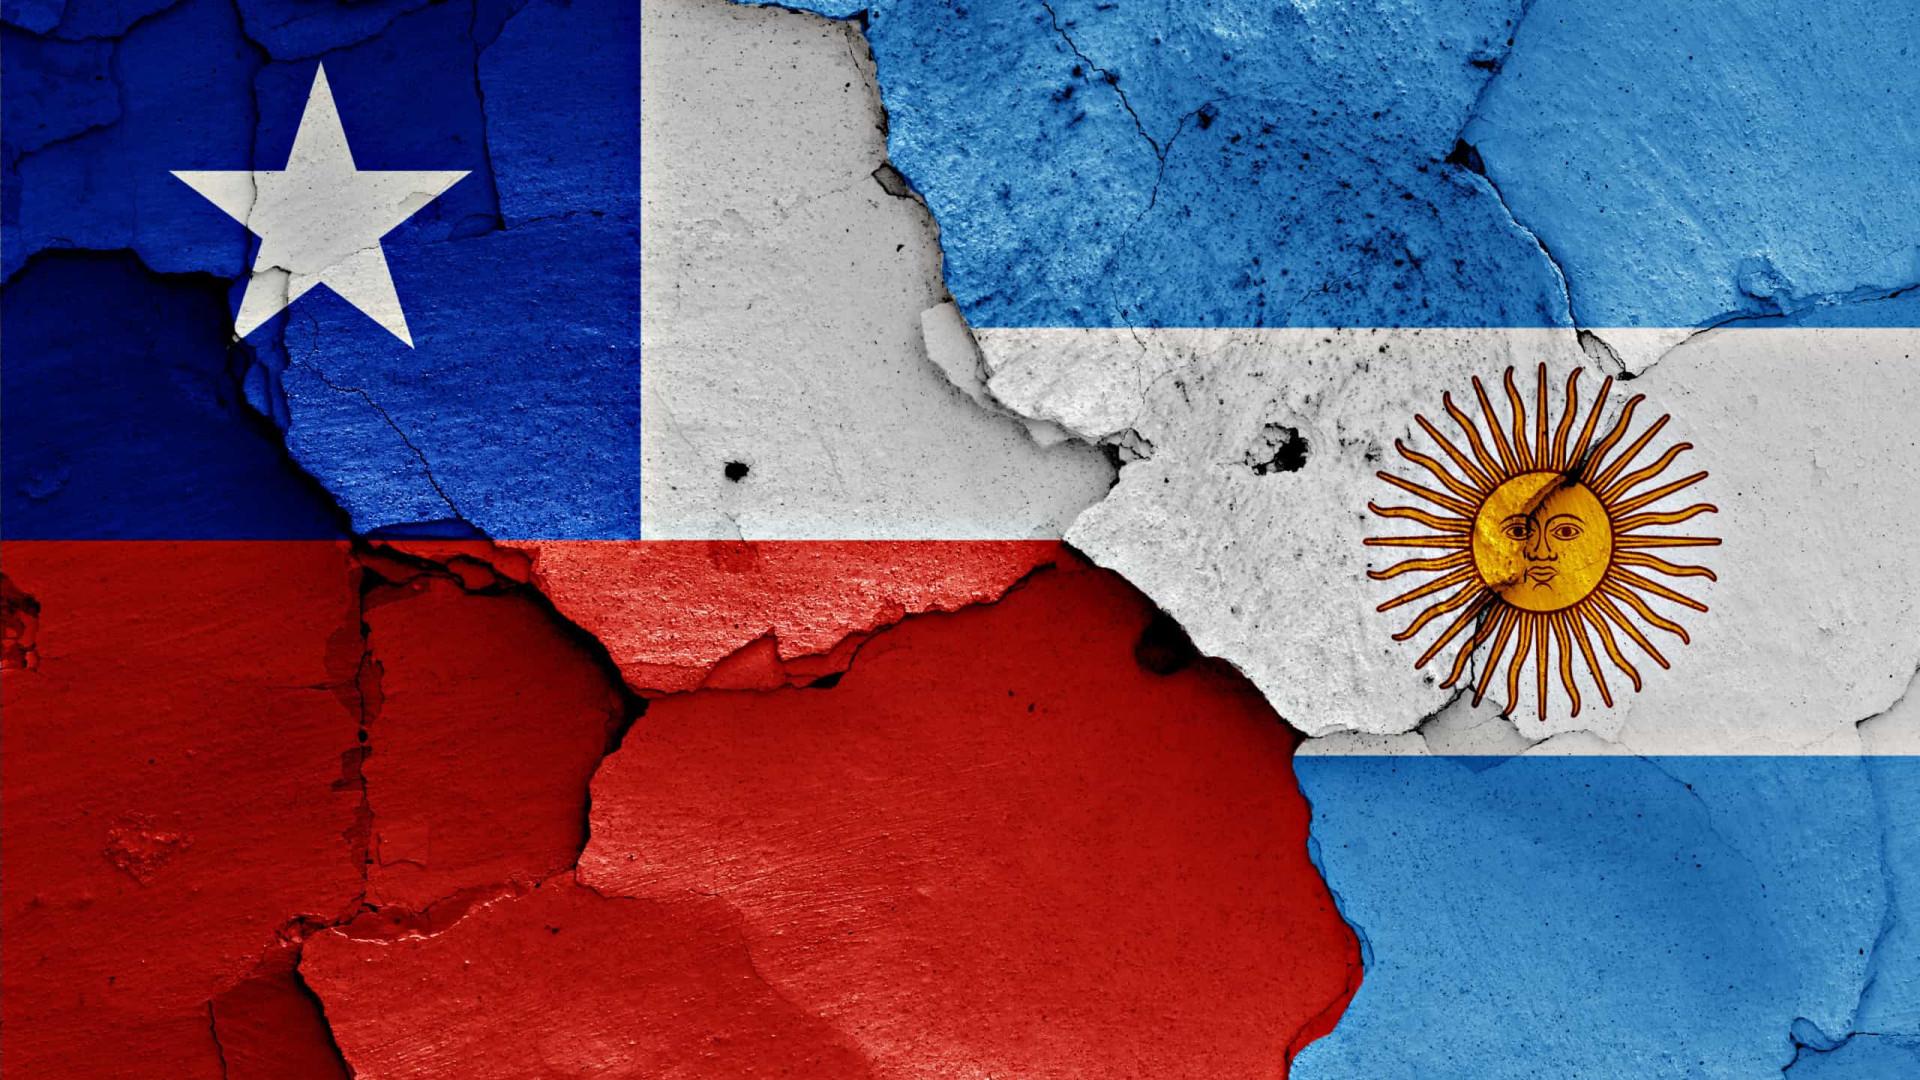 Chile e Argentina vivem crise diplomática por disputa territorial no mar